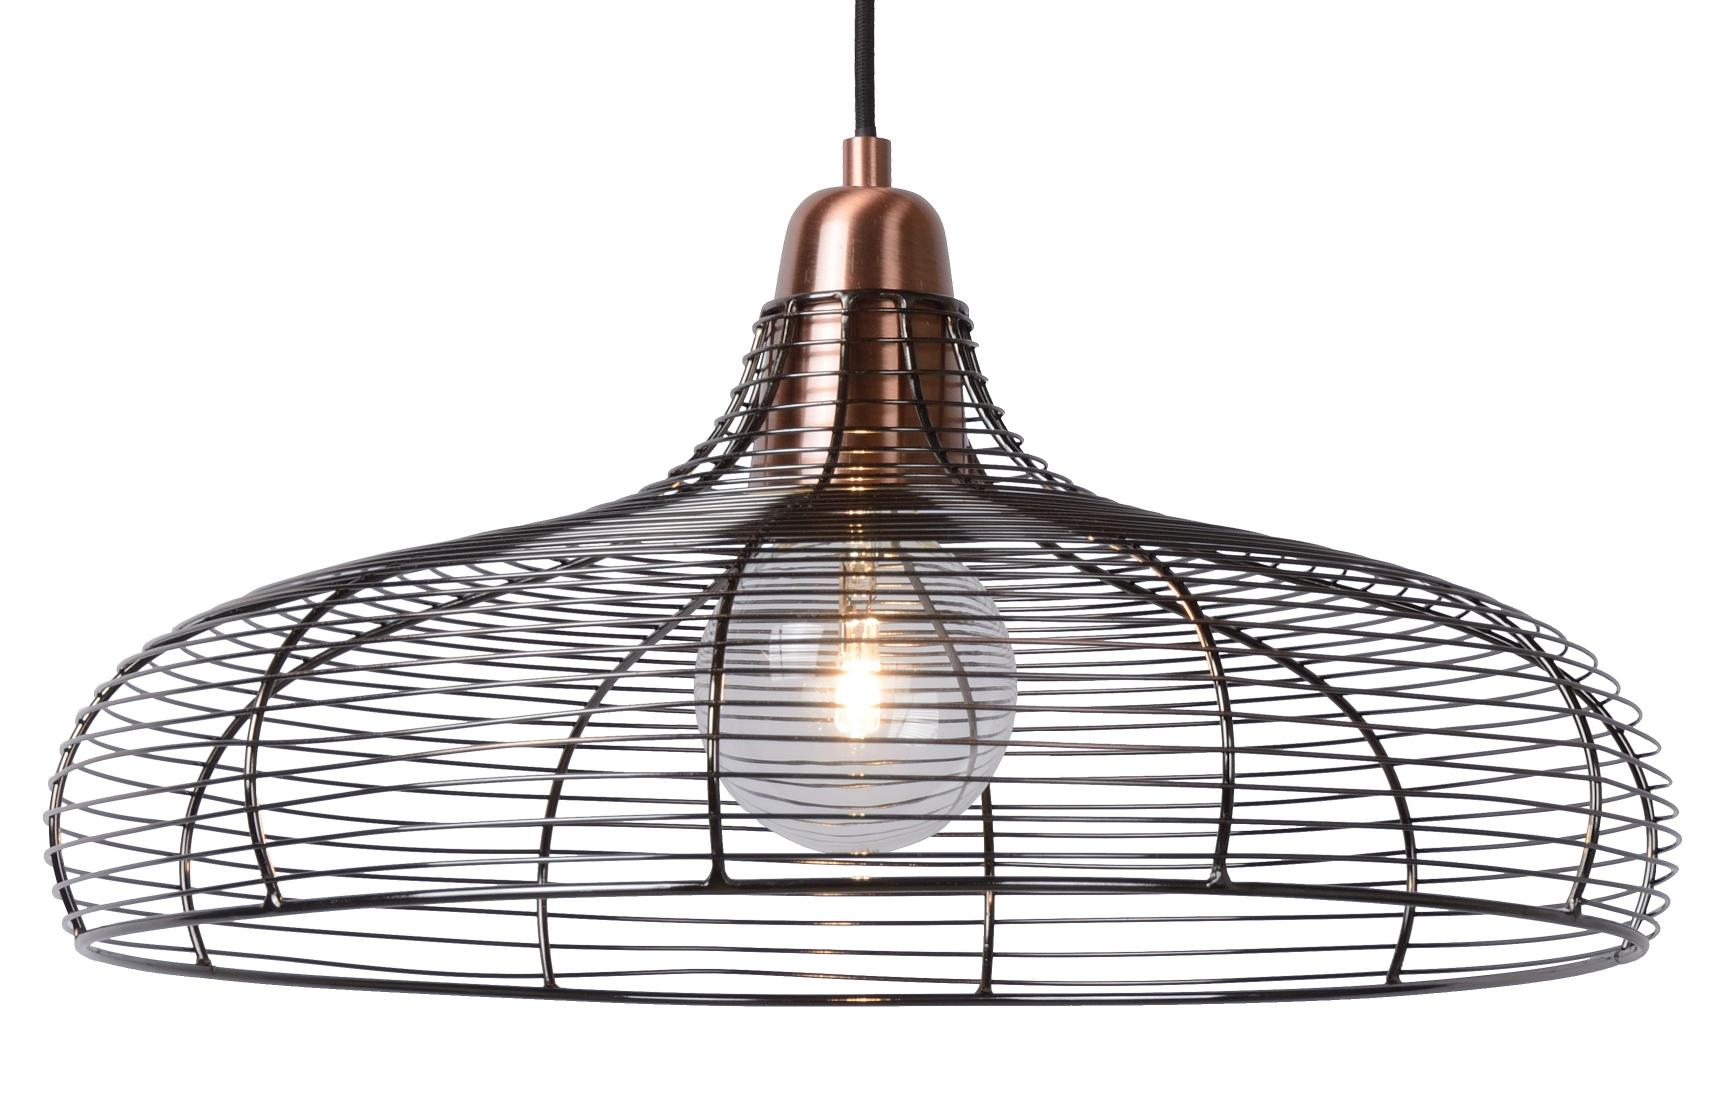 Lucide Hanglamp Moino -Ø48 Cm - Koper Kleur